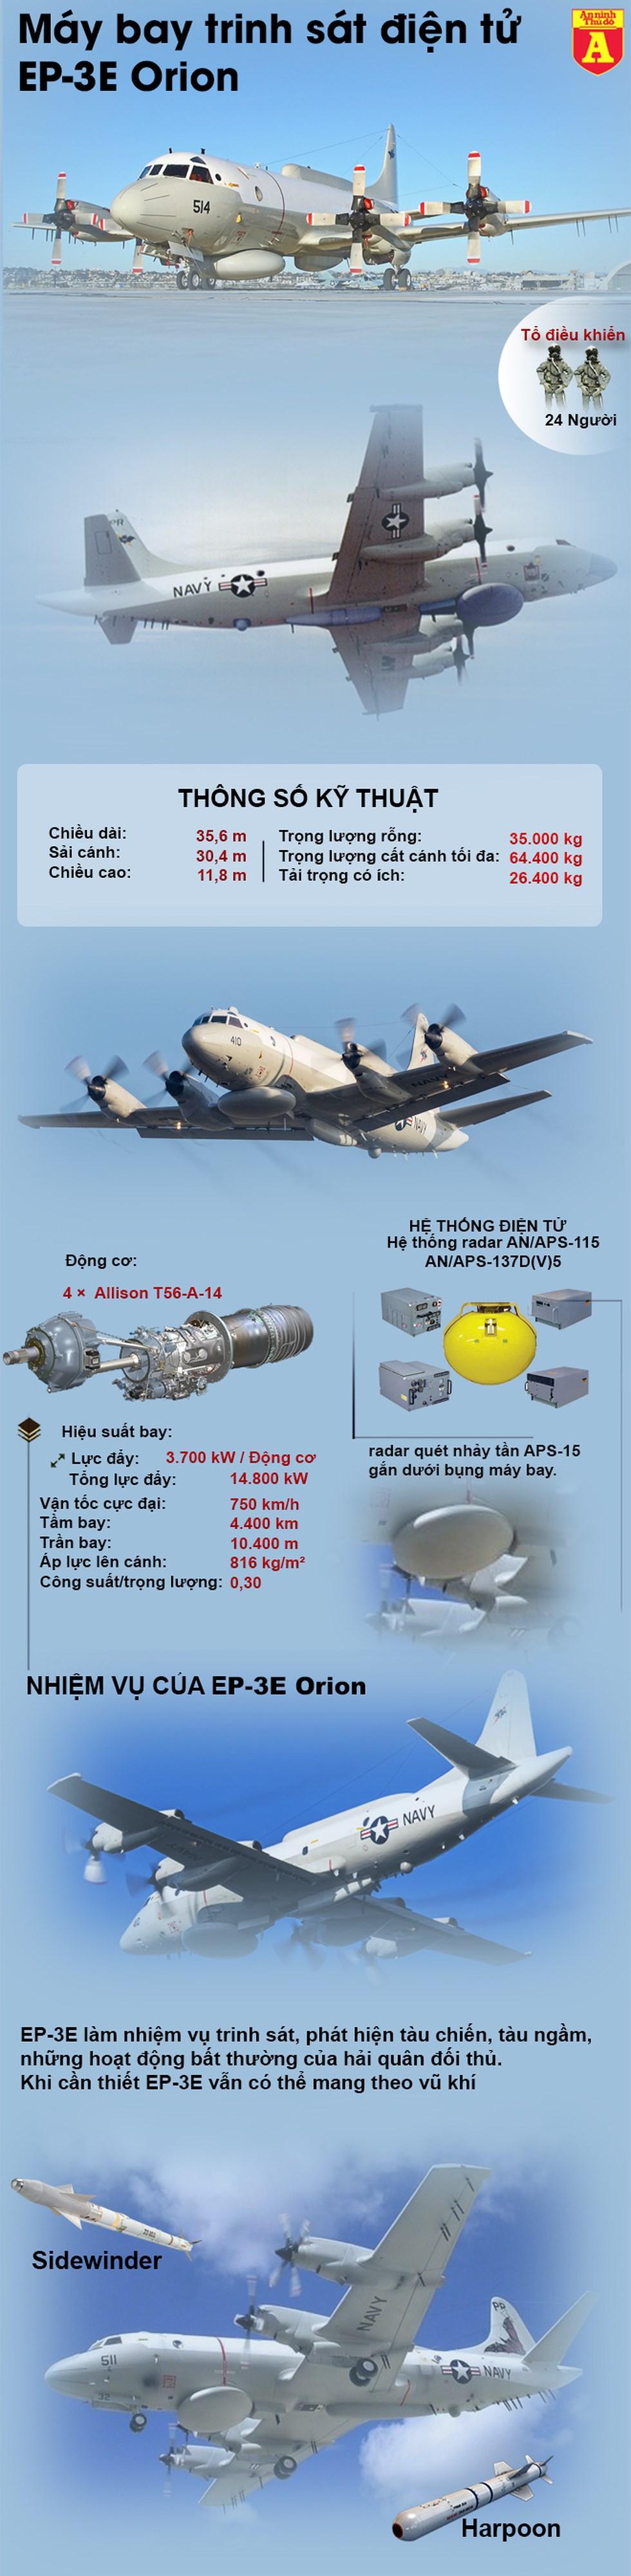 [Infographics] Hé lộ thông tin máy bay quân sự Mỹ vừa bị Su-30MK2 của Venezuela áp sát - Ảnh 1